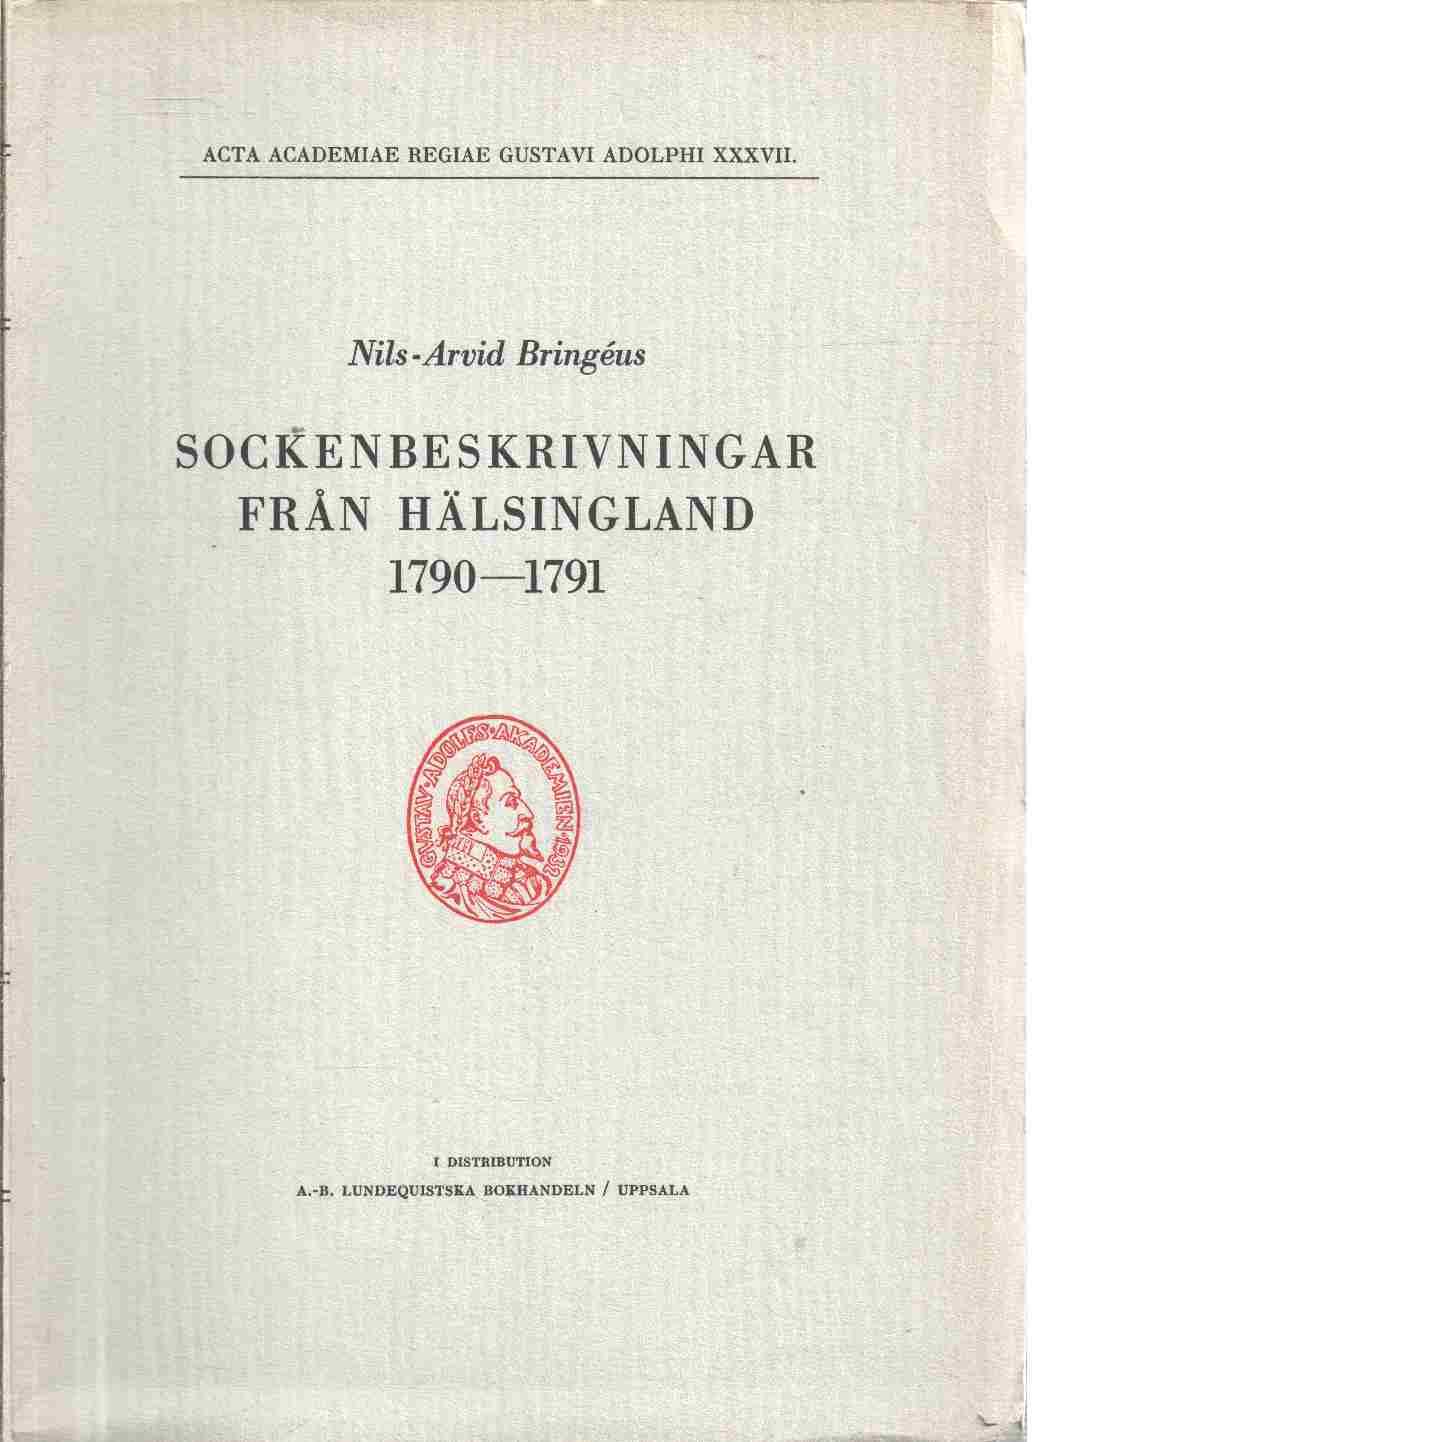 Sockenbeskrivningar från Hälsingland 1790-1791 - Bringéus, Nils-Arvid